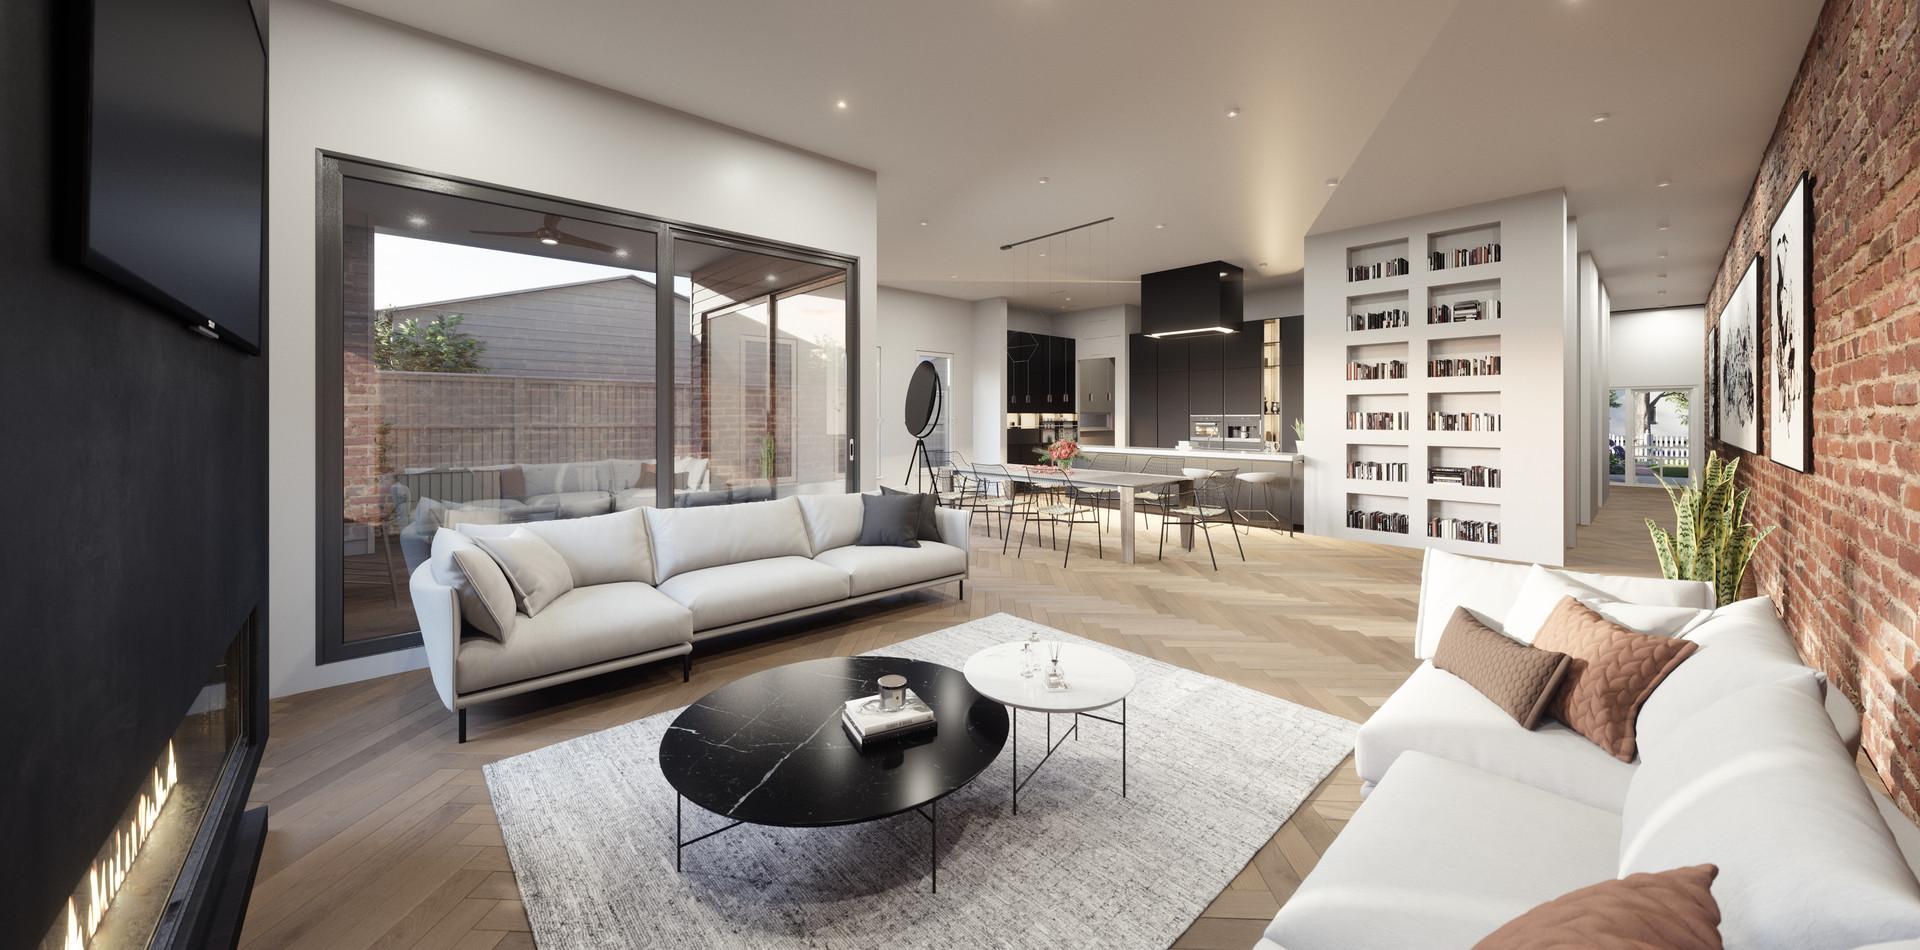 Manchester Livingroom Round 3.jpg